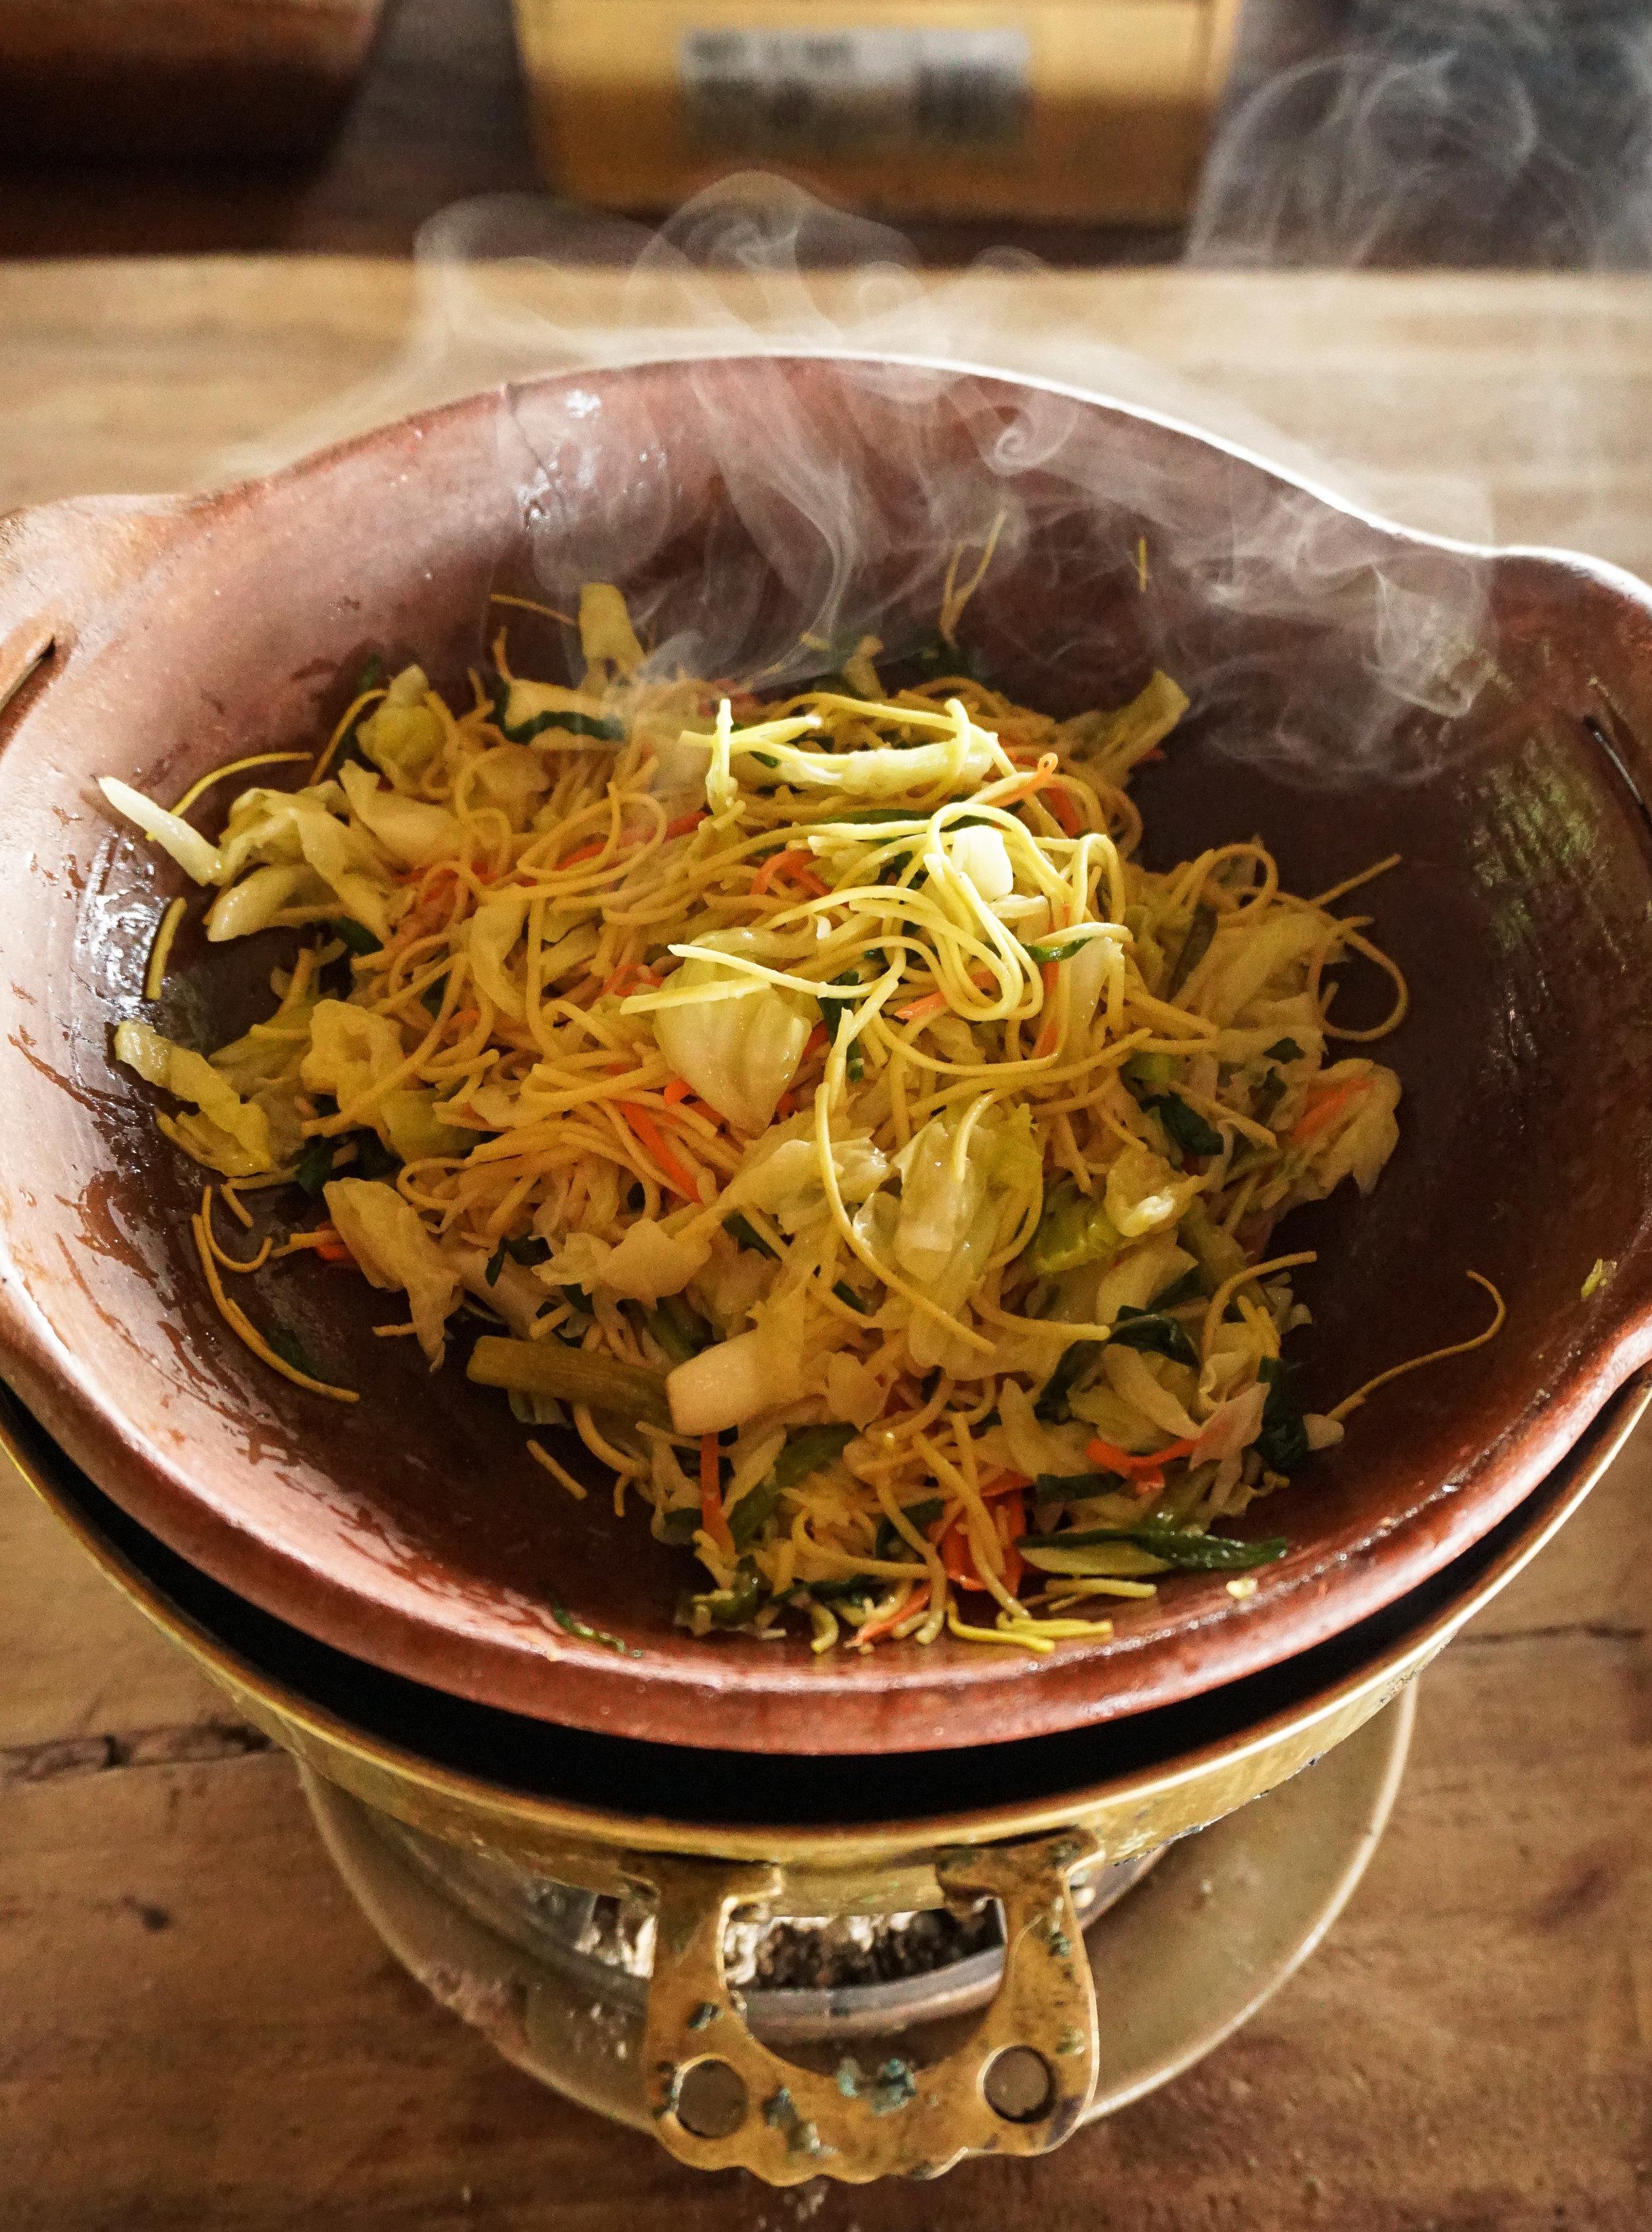 curio.trips.thailand.chiang.rai.steaming.noodles.portrait.jpg